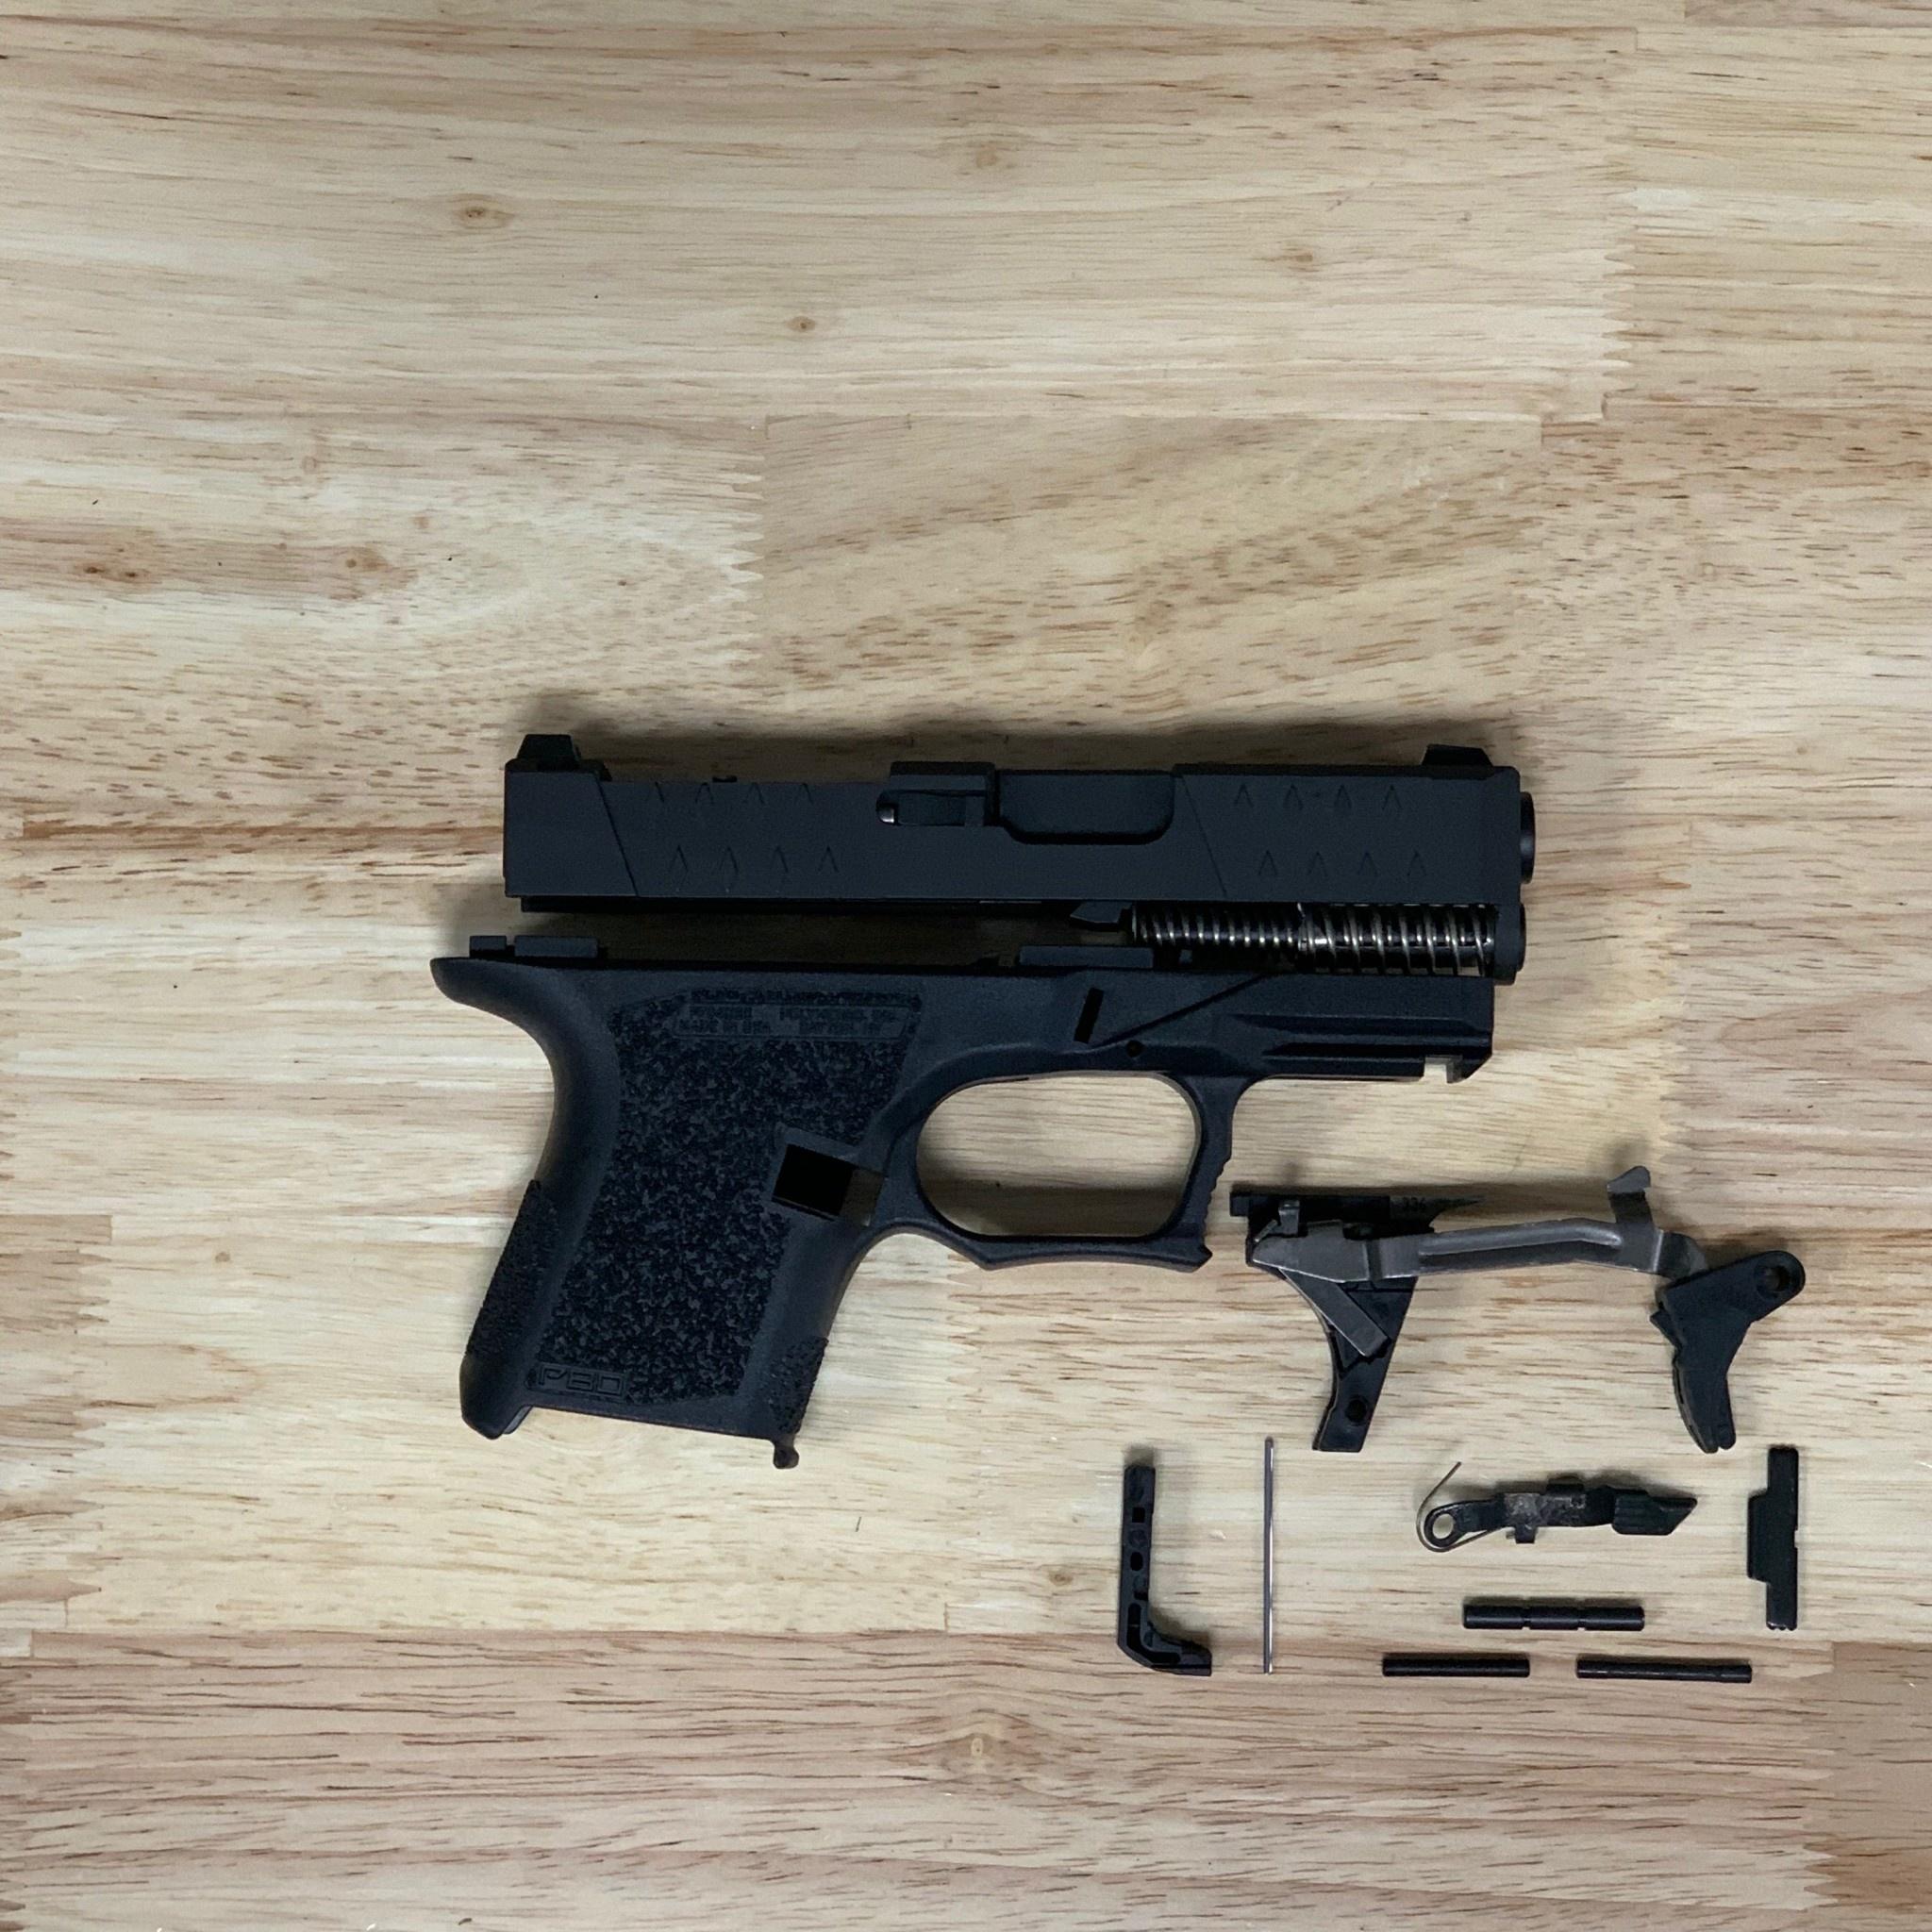 G26 FU-T1-BLK-02 w/ RMR Full Build Kit